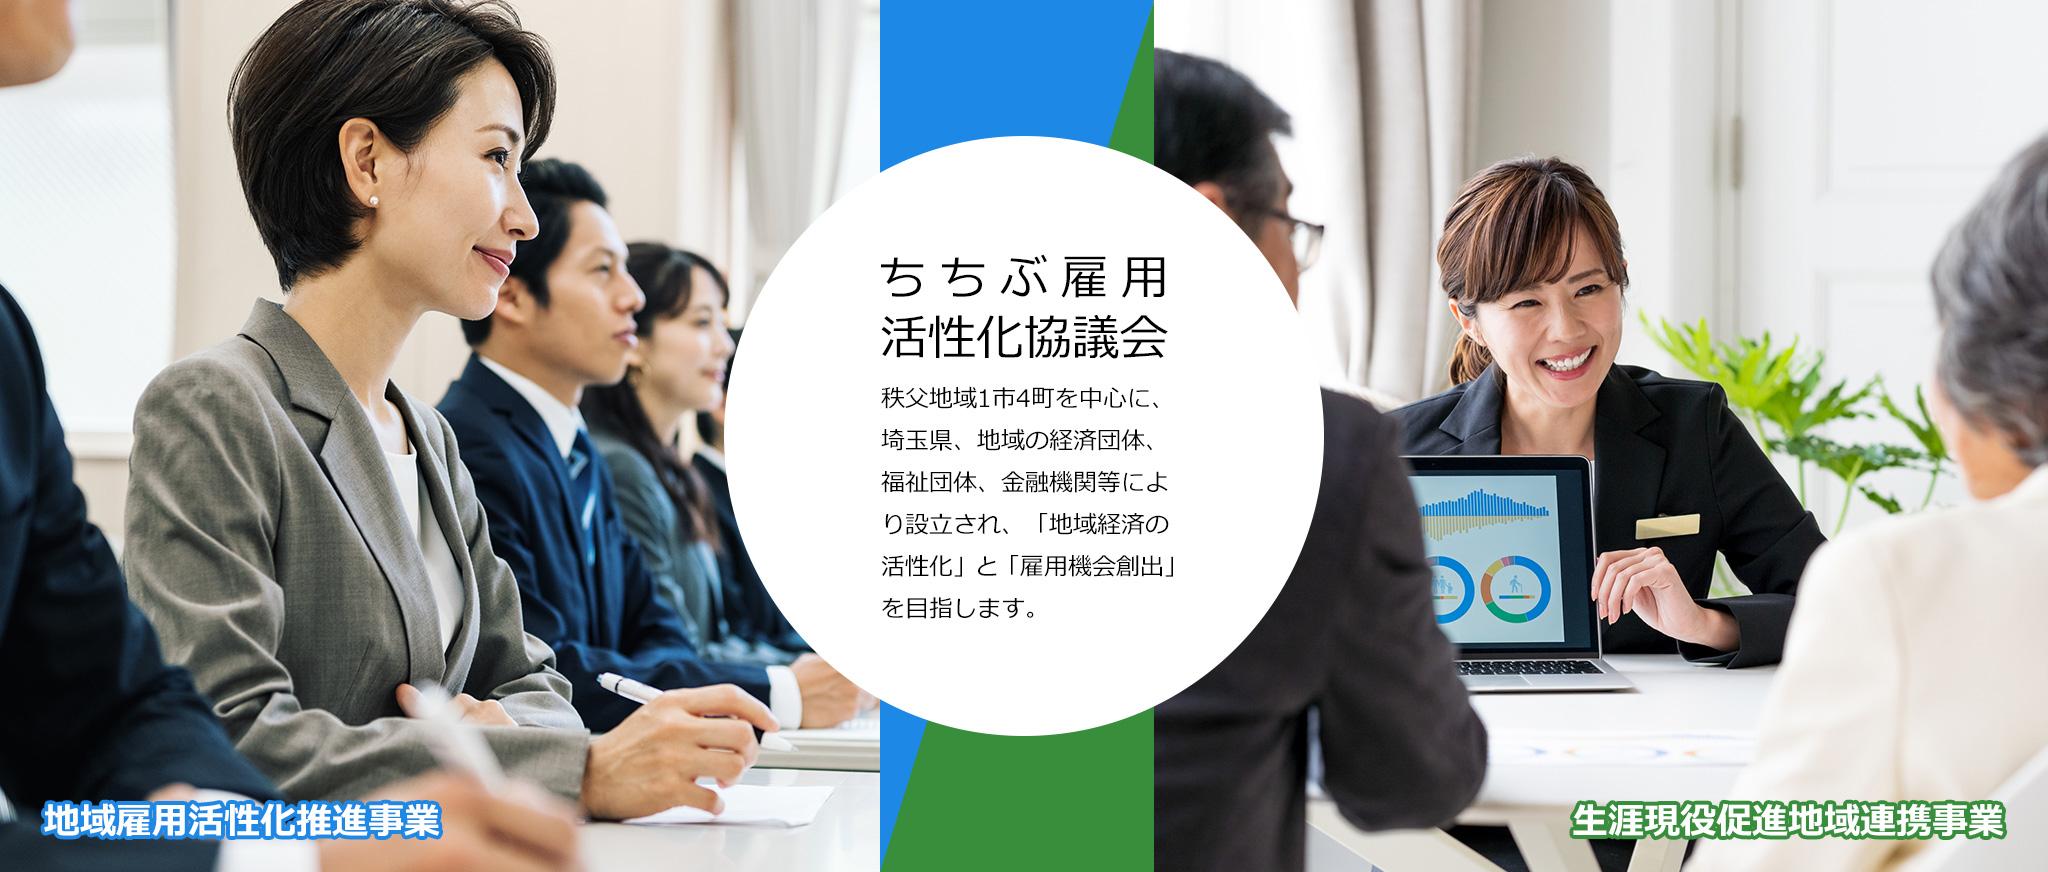 ちちぶ雇用活性化協議会:メインイメージ